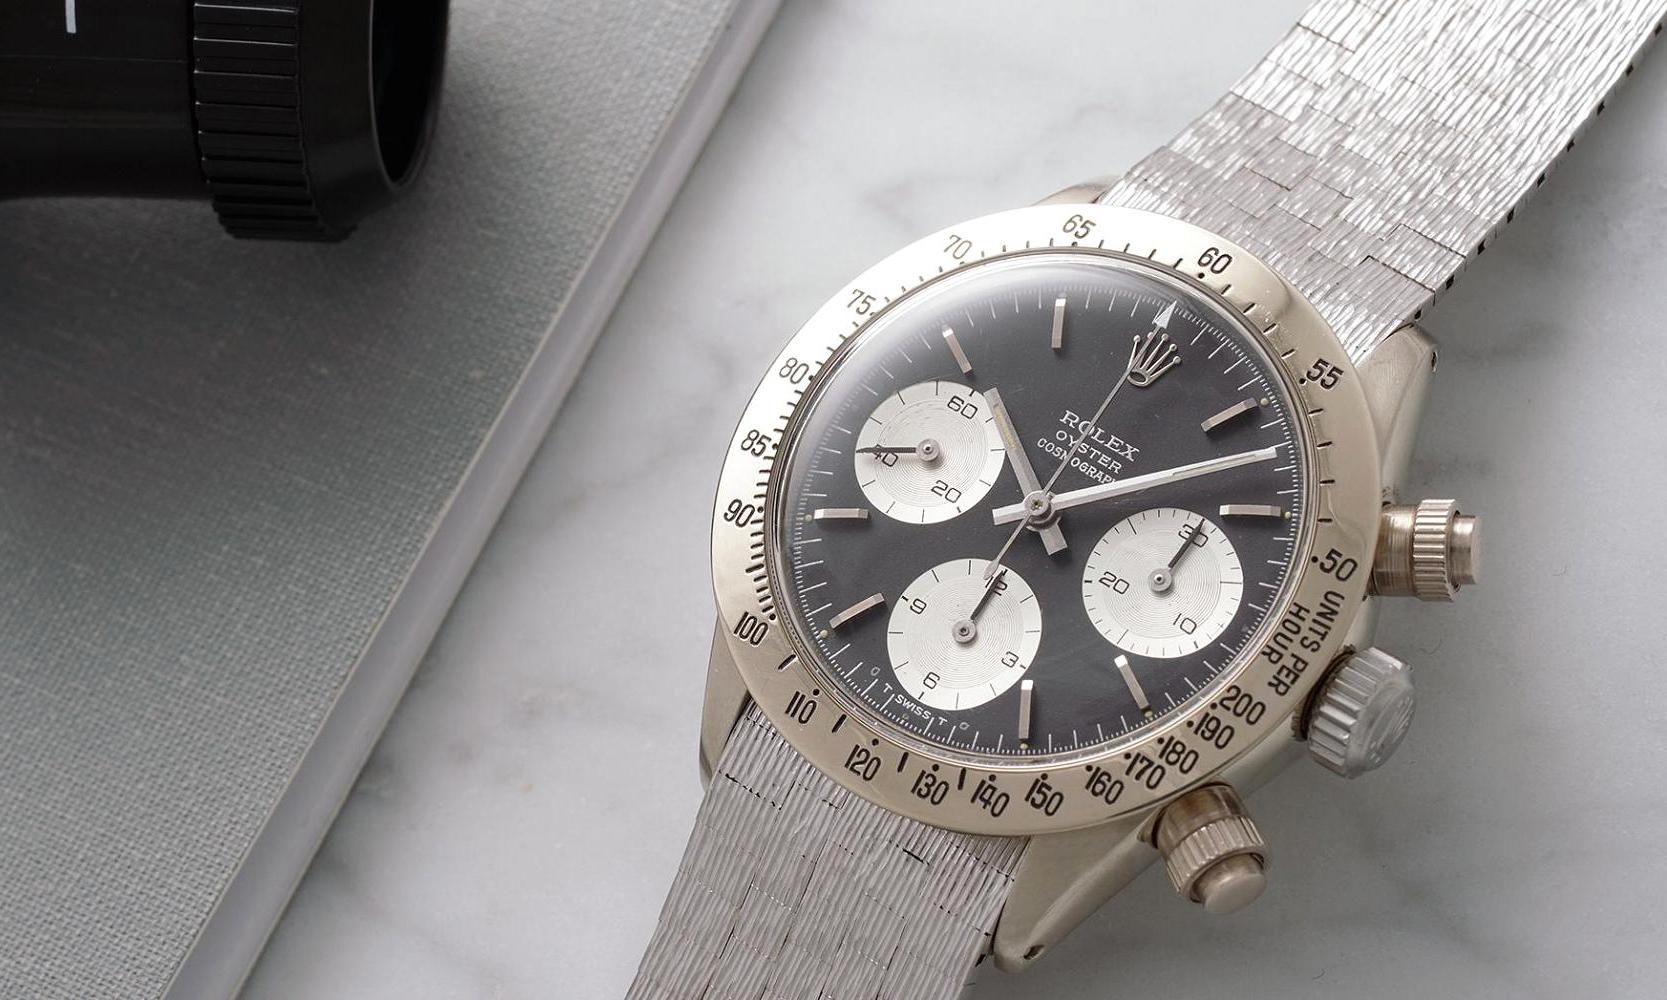 这块复古 Daytona 成为史上第二贵的 Rolex 腕表